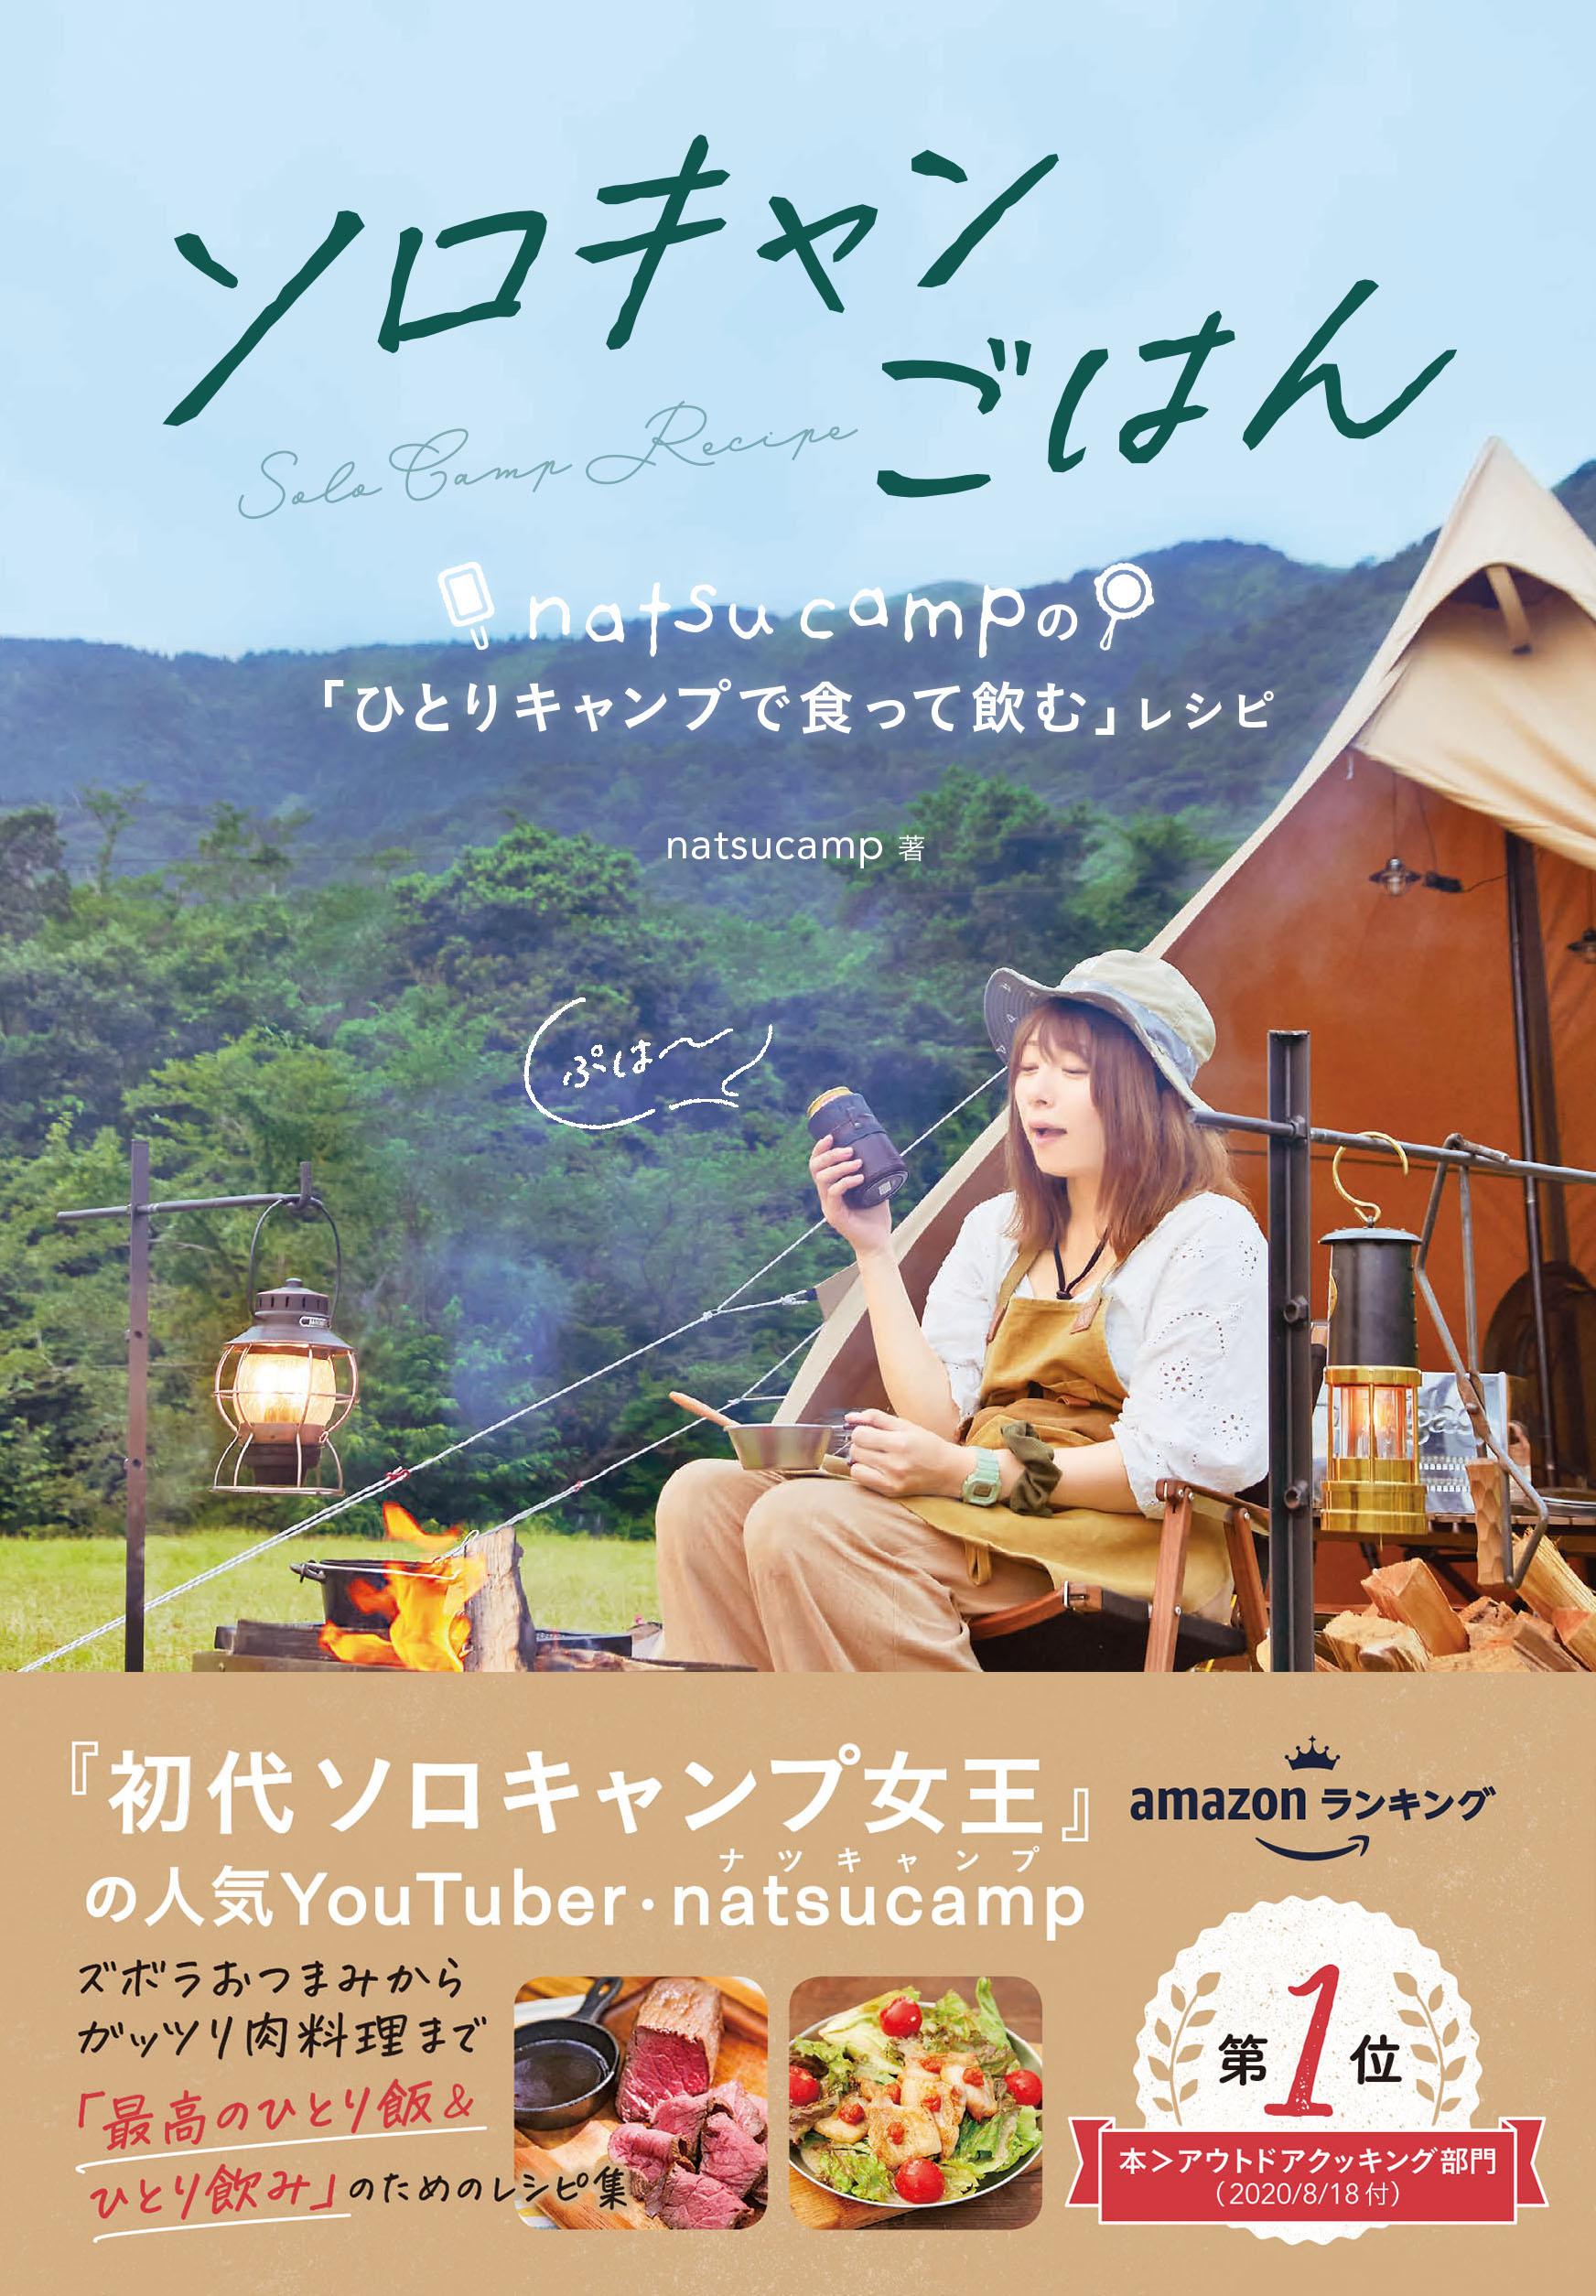 『ソロキャンごはん natsucampの「ひとりキャンプで食って飲む」レシピ』書影